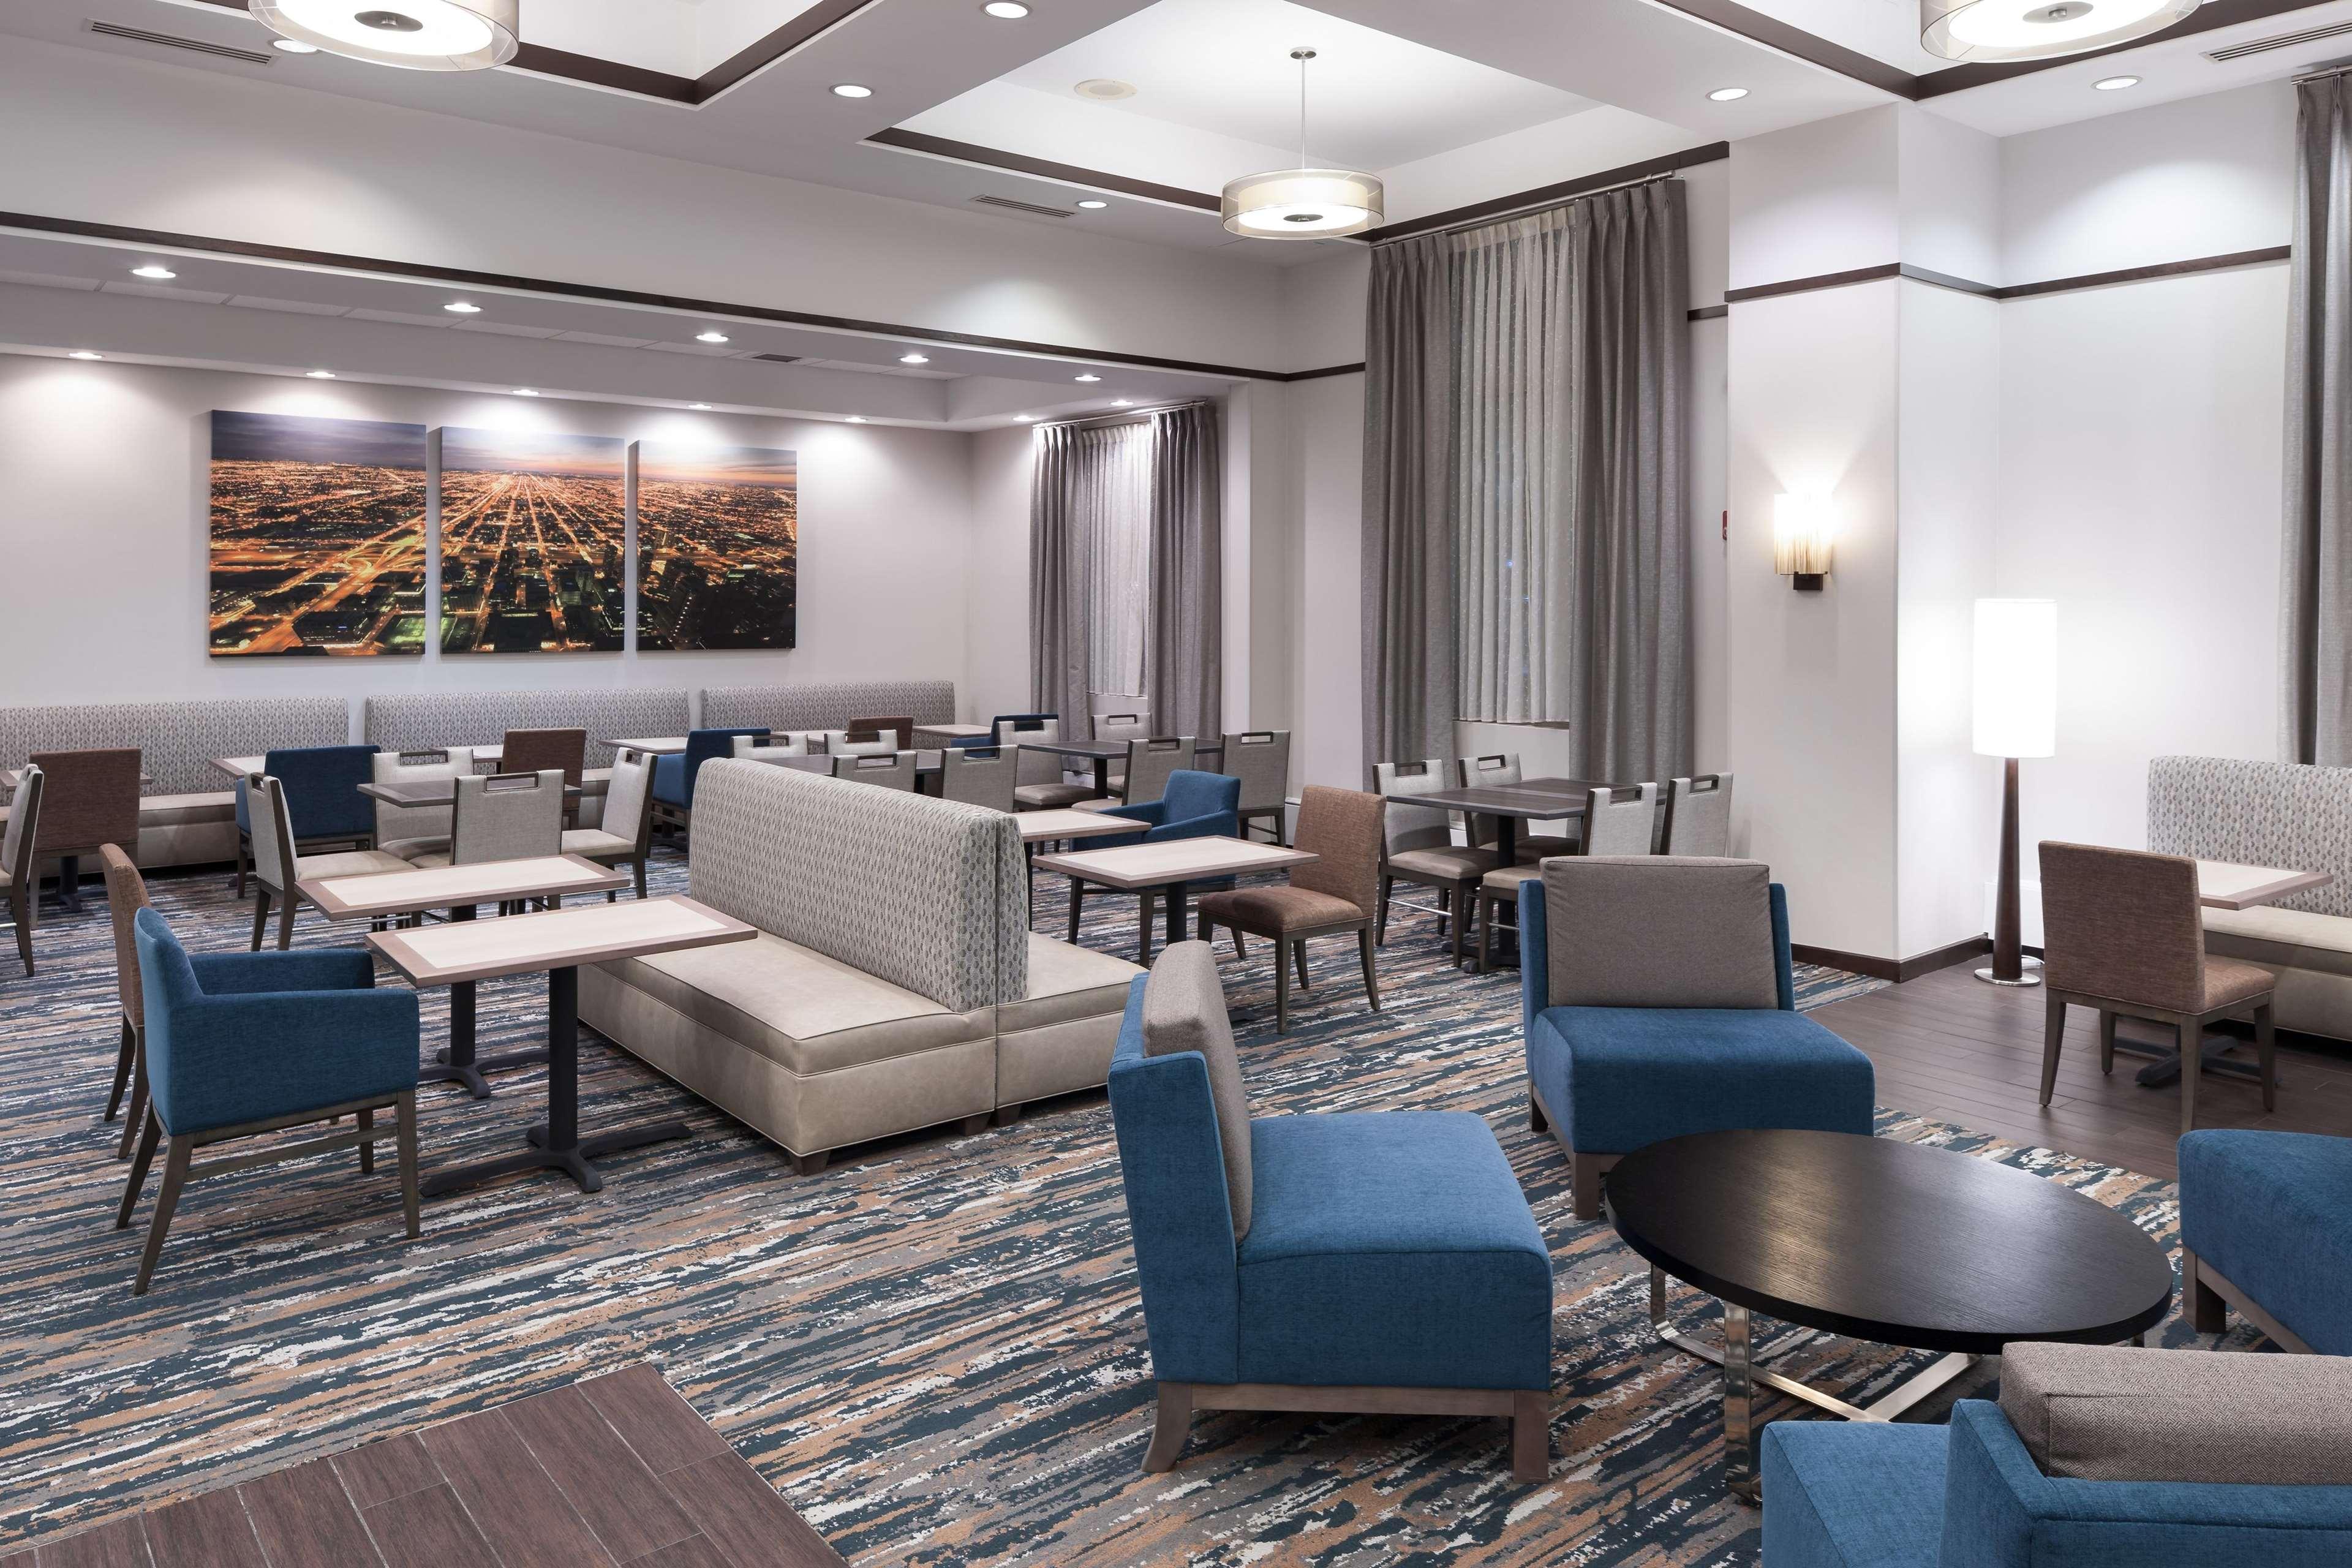 Hampton Inn & Suites Chicago-North Shore/Skokie image 17